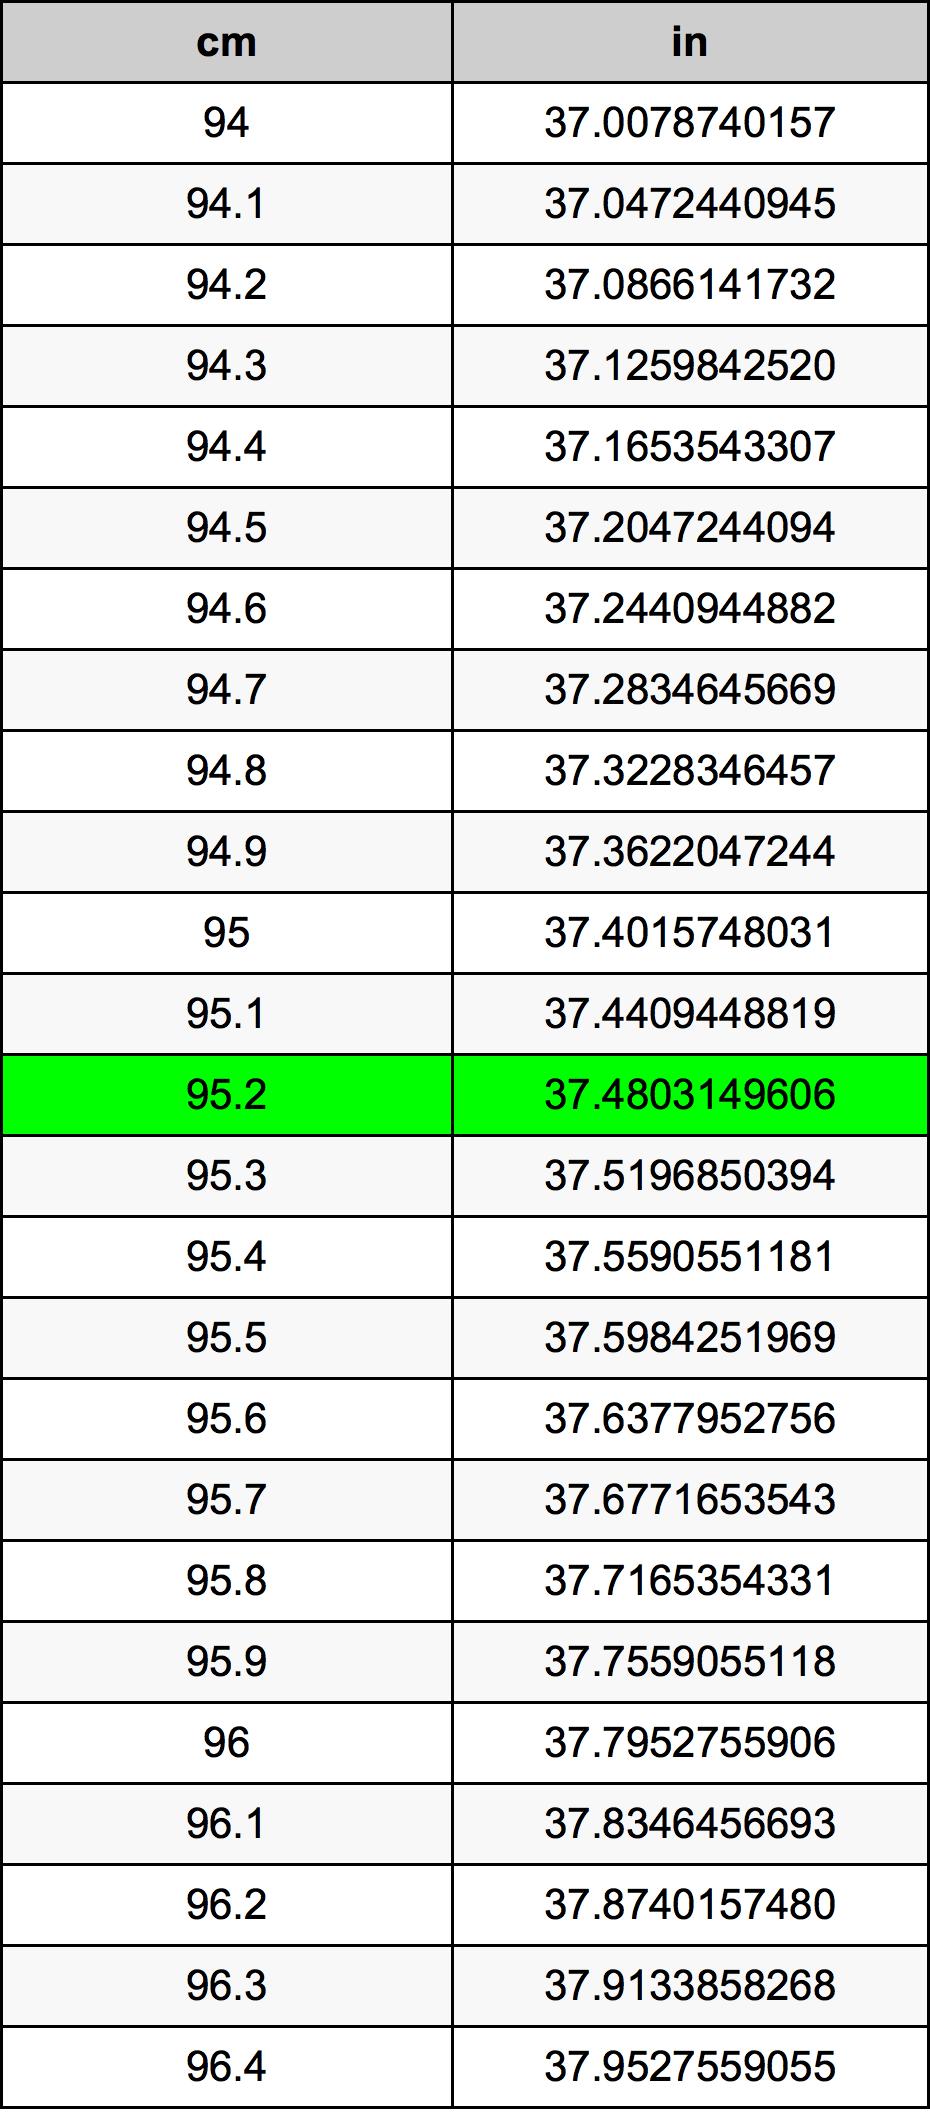 95.2 Centiméter átszámítási táblázat